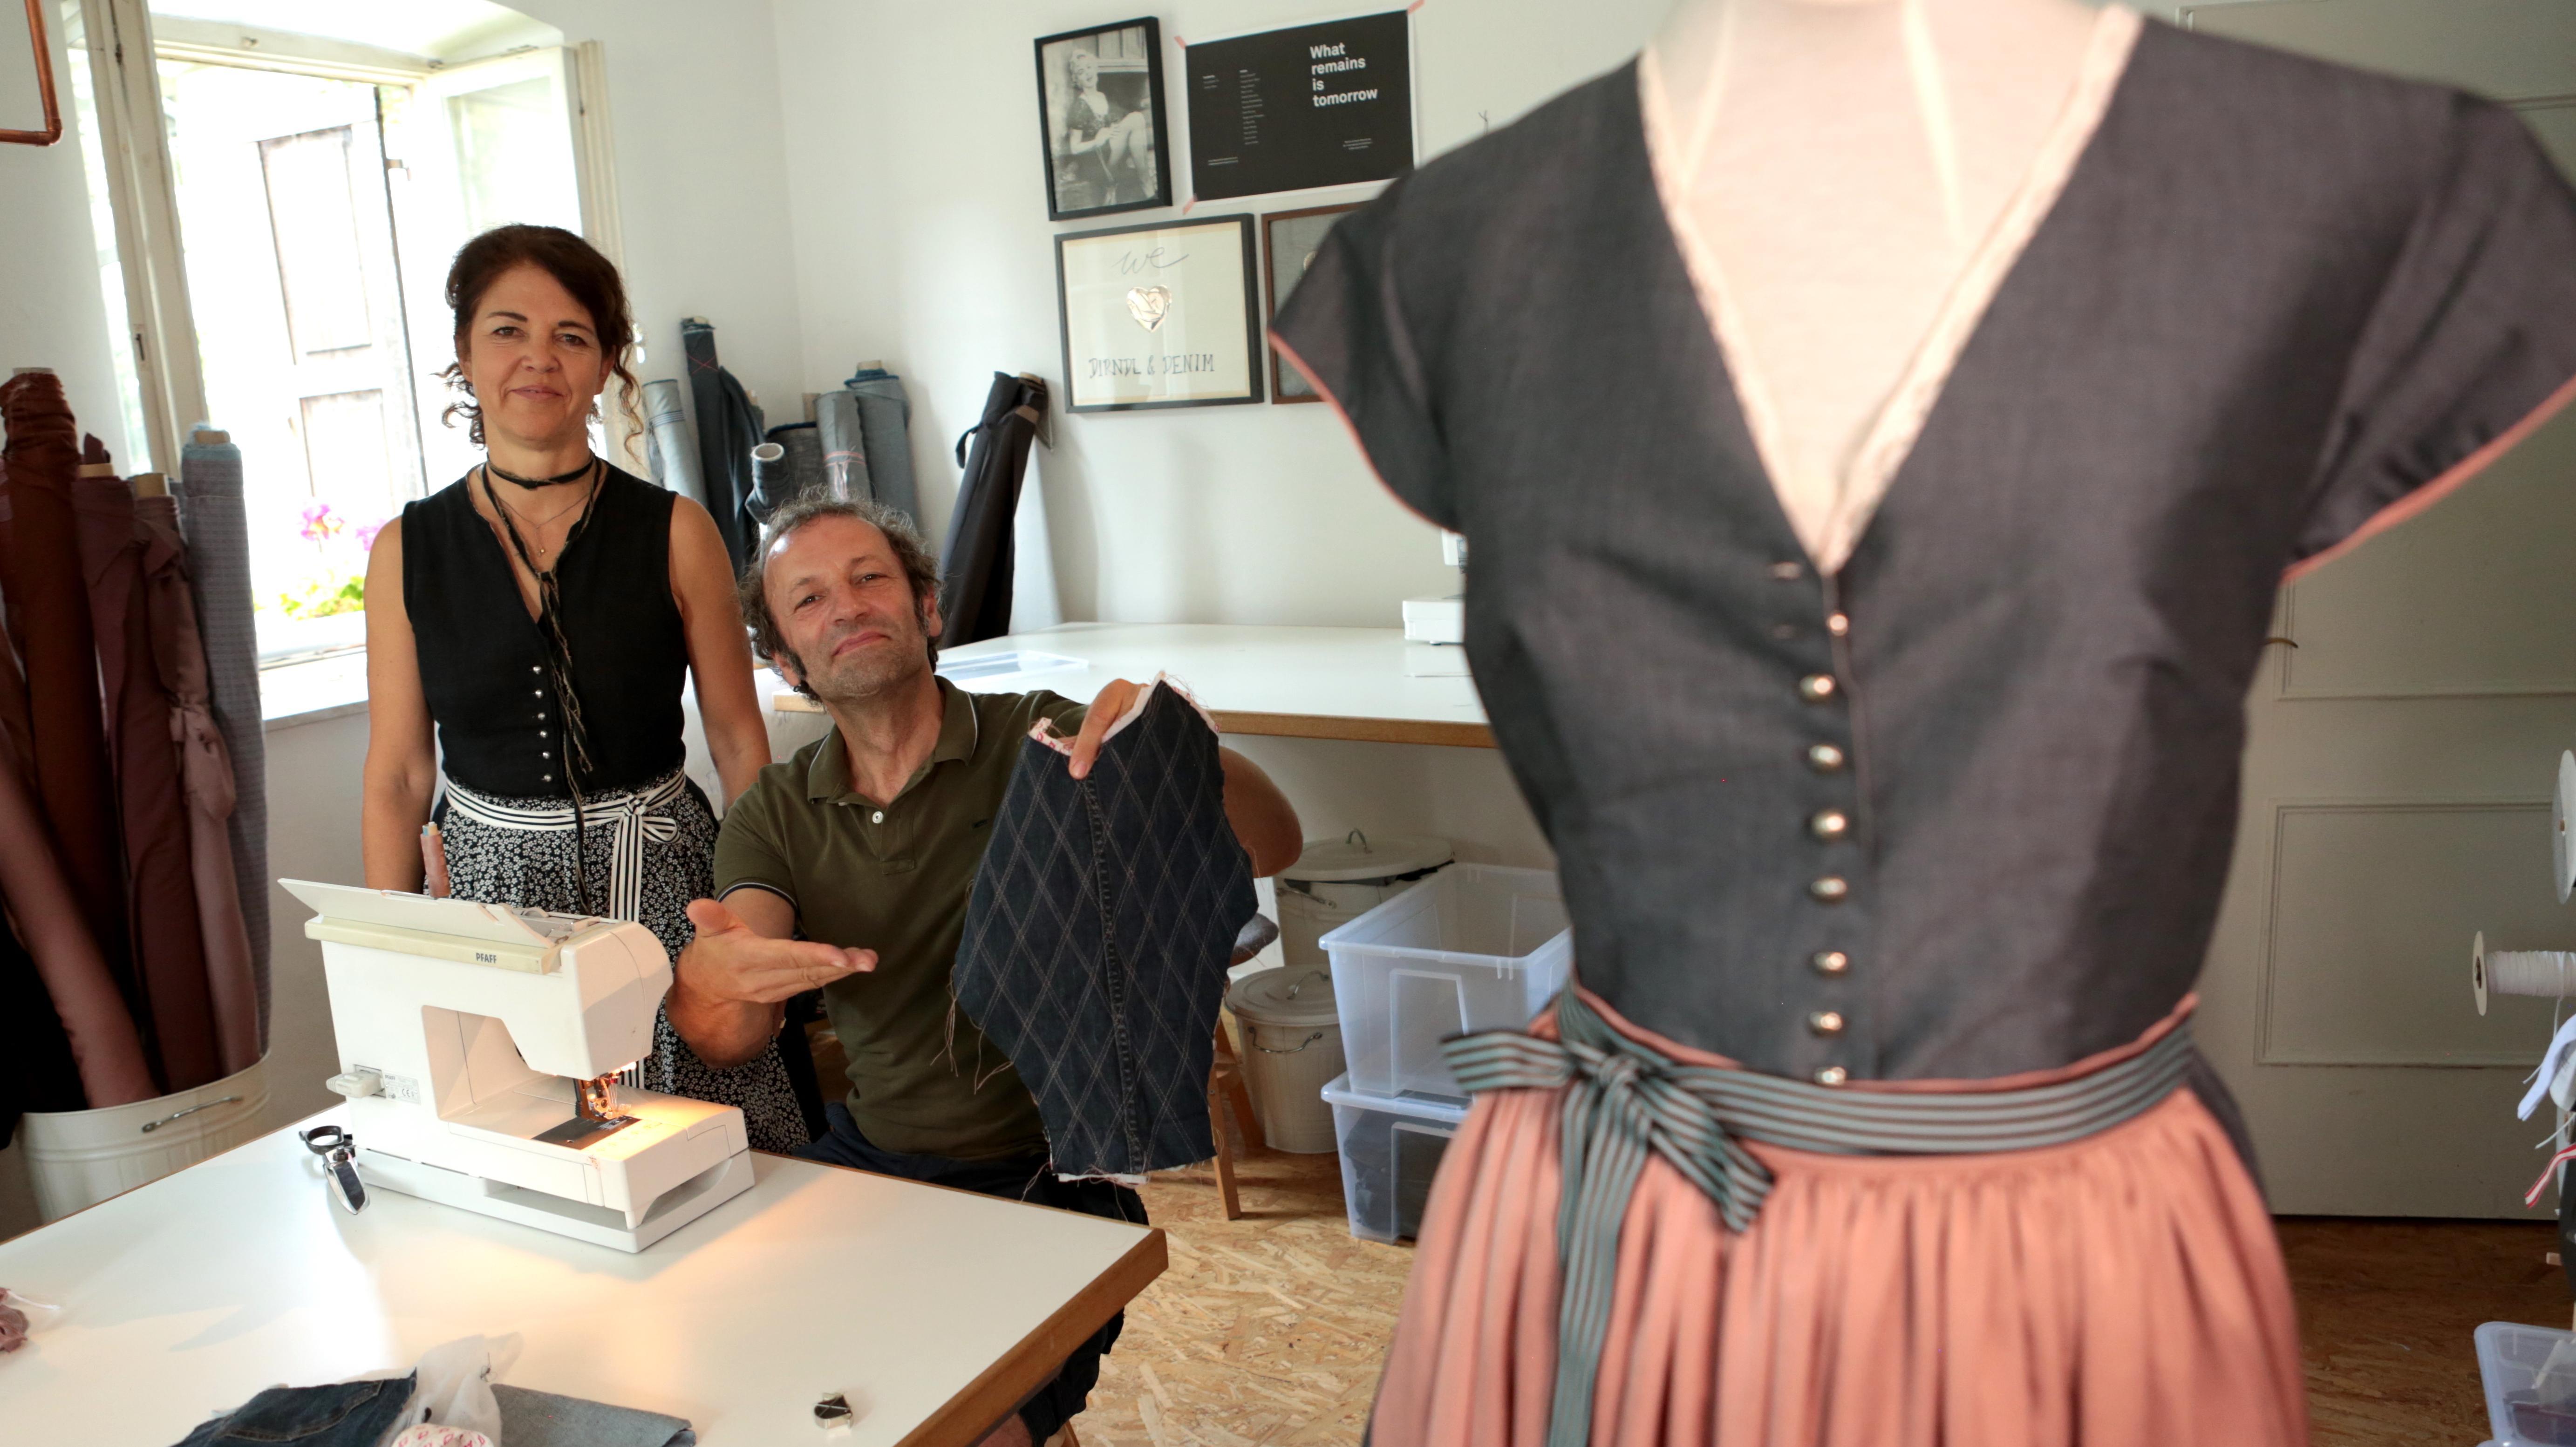 """Im Chiemgau näht der Schmidt Max aus Tischdecken, Jeans und anderen Reststoffen ein Dirndl, als Kursteilnehmer bei einer Modedesignerin, die sich auf Dirndl und """"Upcycling"""" spezialisiert hat."""